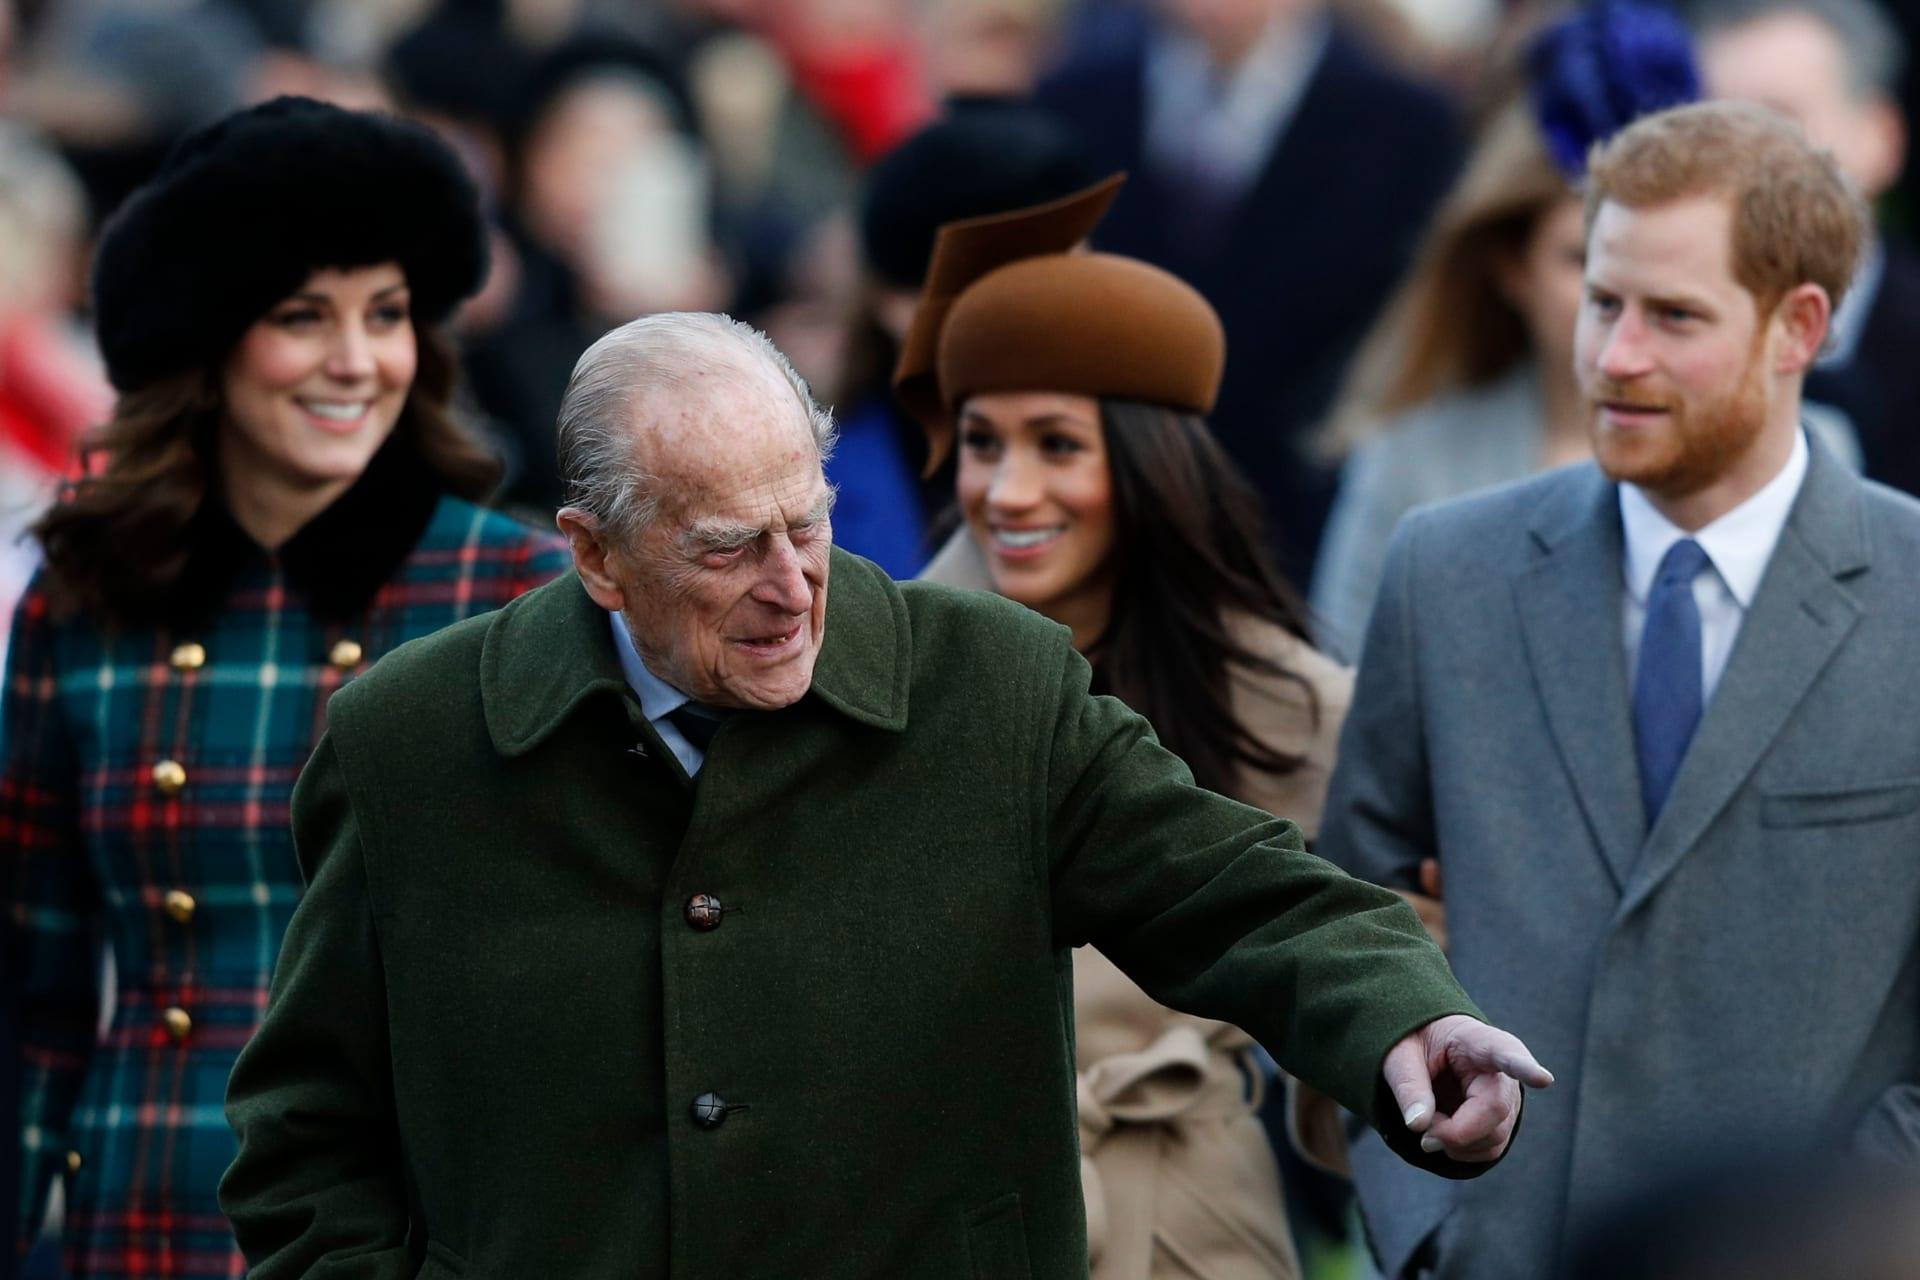 الأمير هاري وزوجته ميغان ماركل وأمامهما الأمير الراحل فيليب - صورة أرشيفية